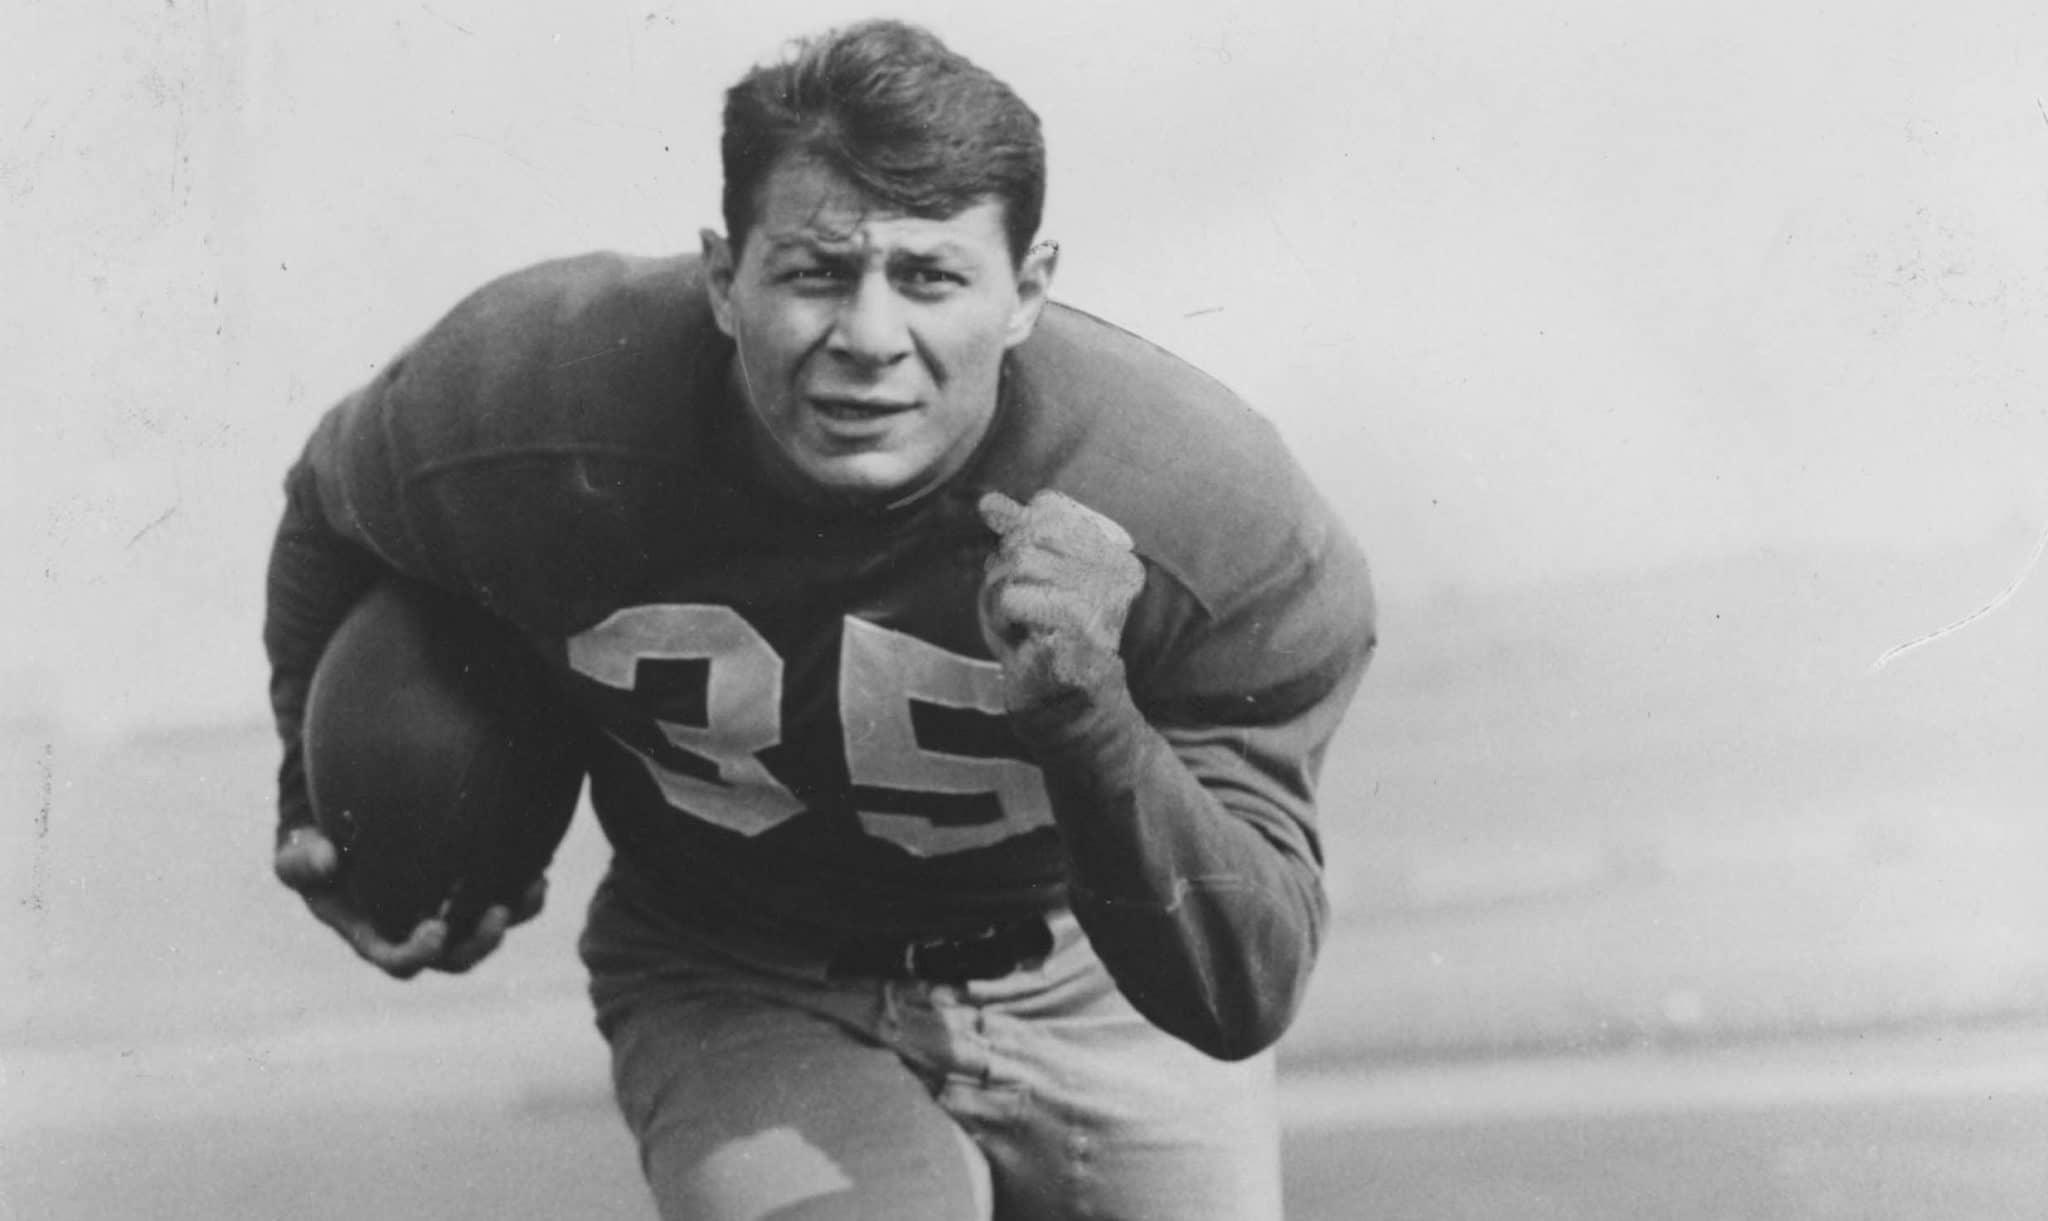 Pete Pihos — Indiana (Big Ten) (1942-1943; 1945-1946)